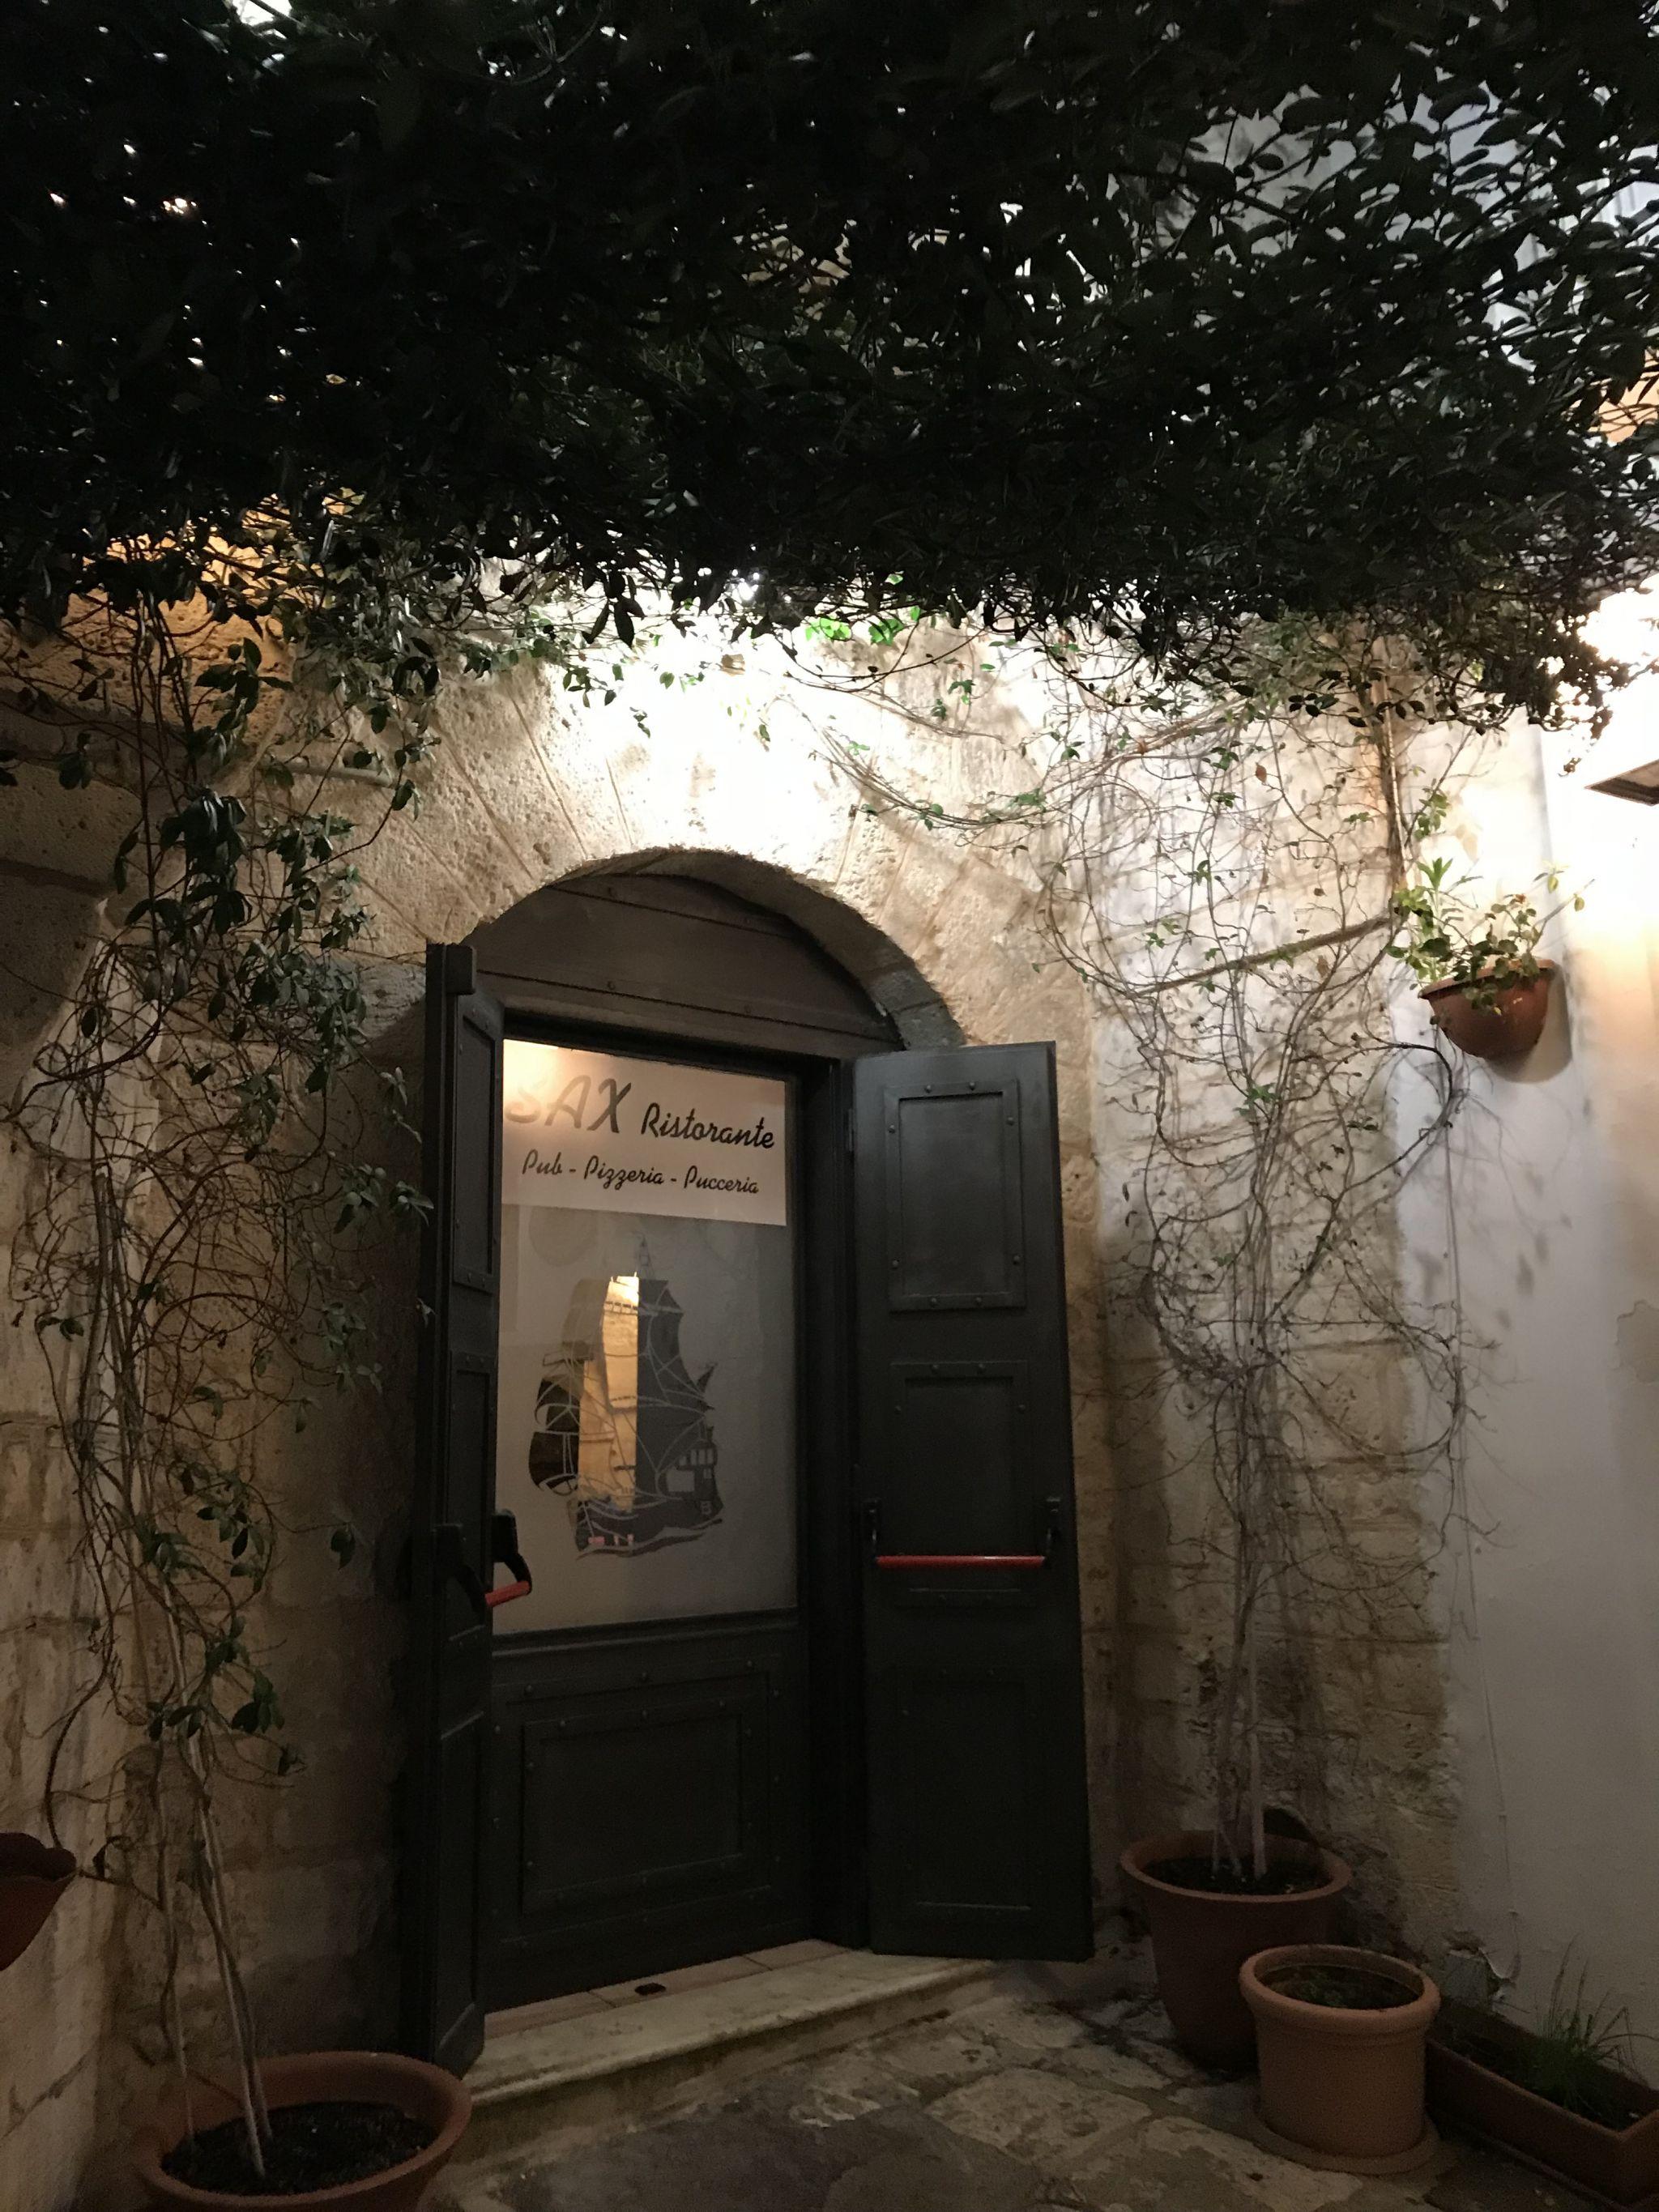 Sax Restorante in Ostuni Puglia